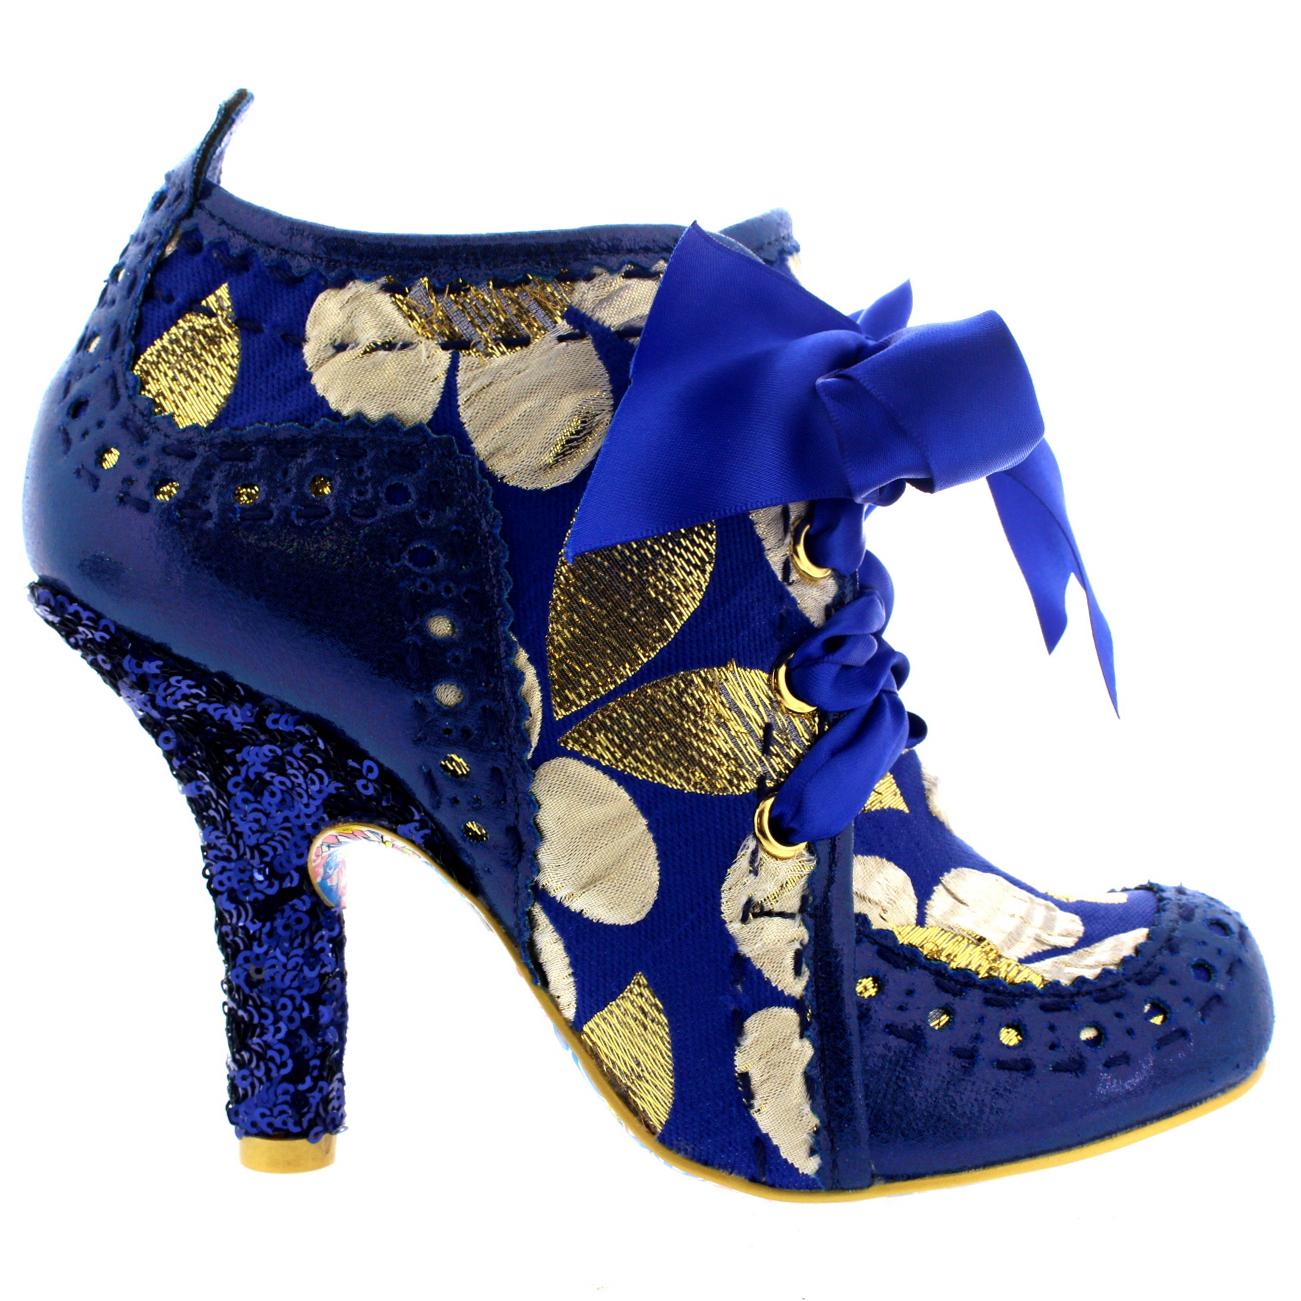 Irregular Choice Shoe Sizes